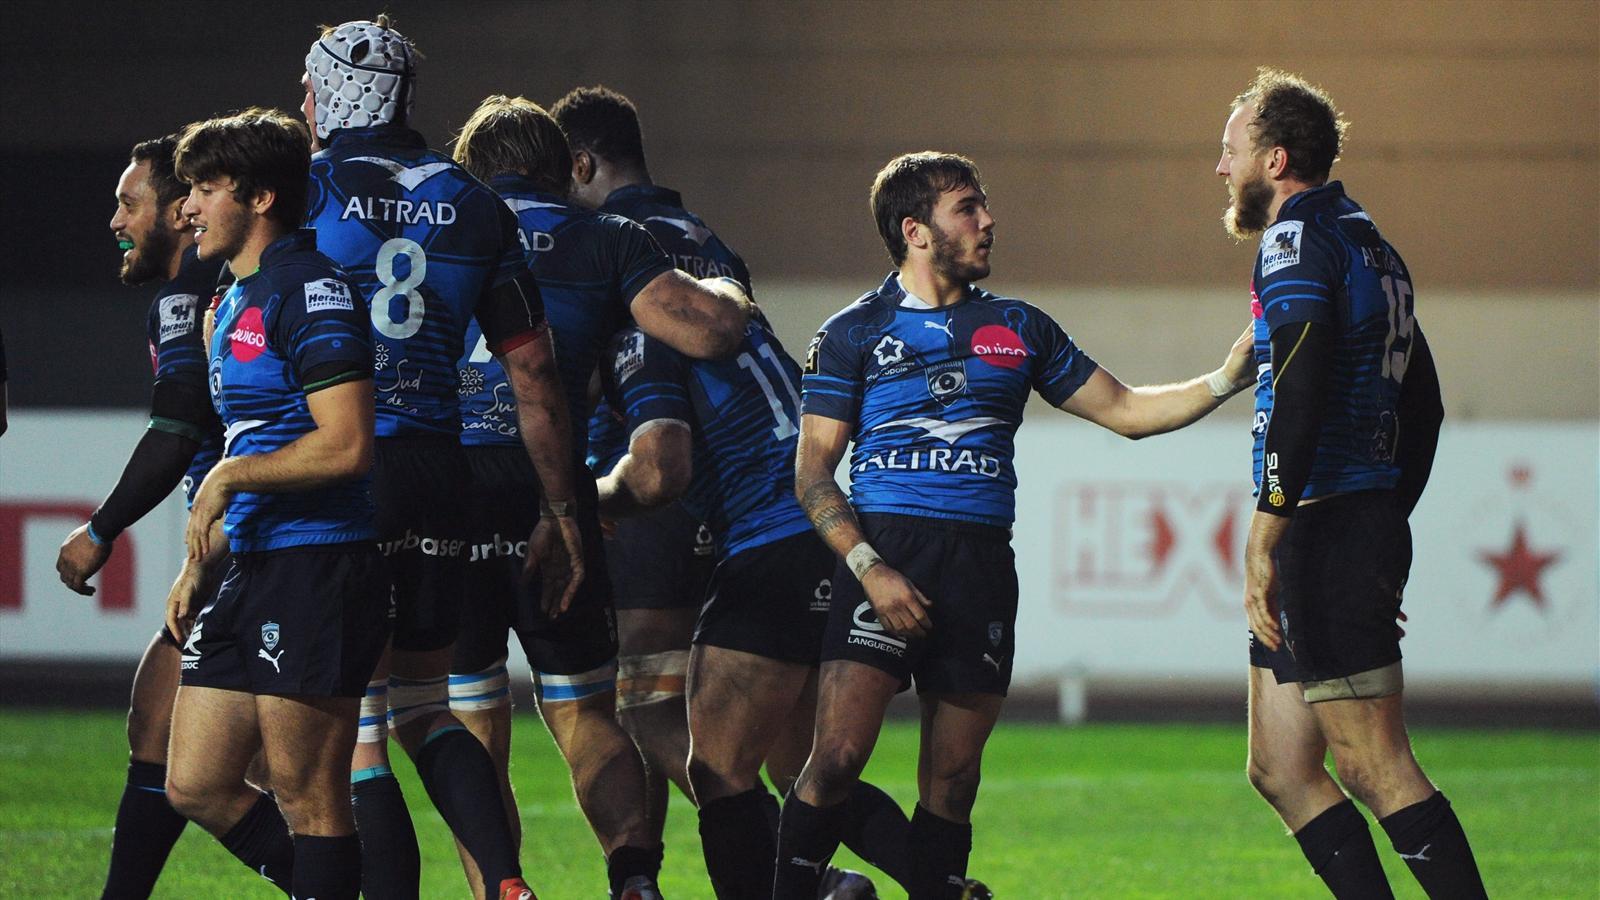 La joie des joueurs de Montpellier face à Agen - 27 décembre 2015